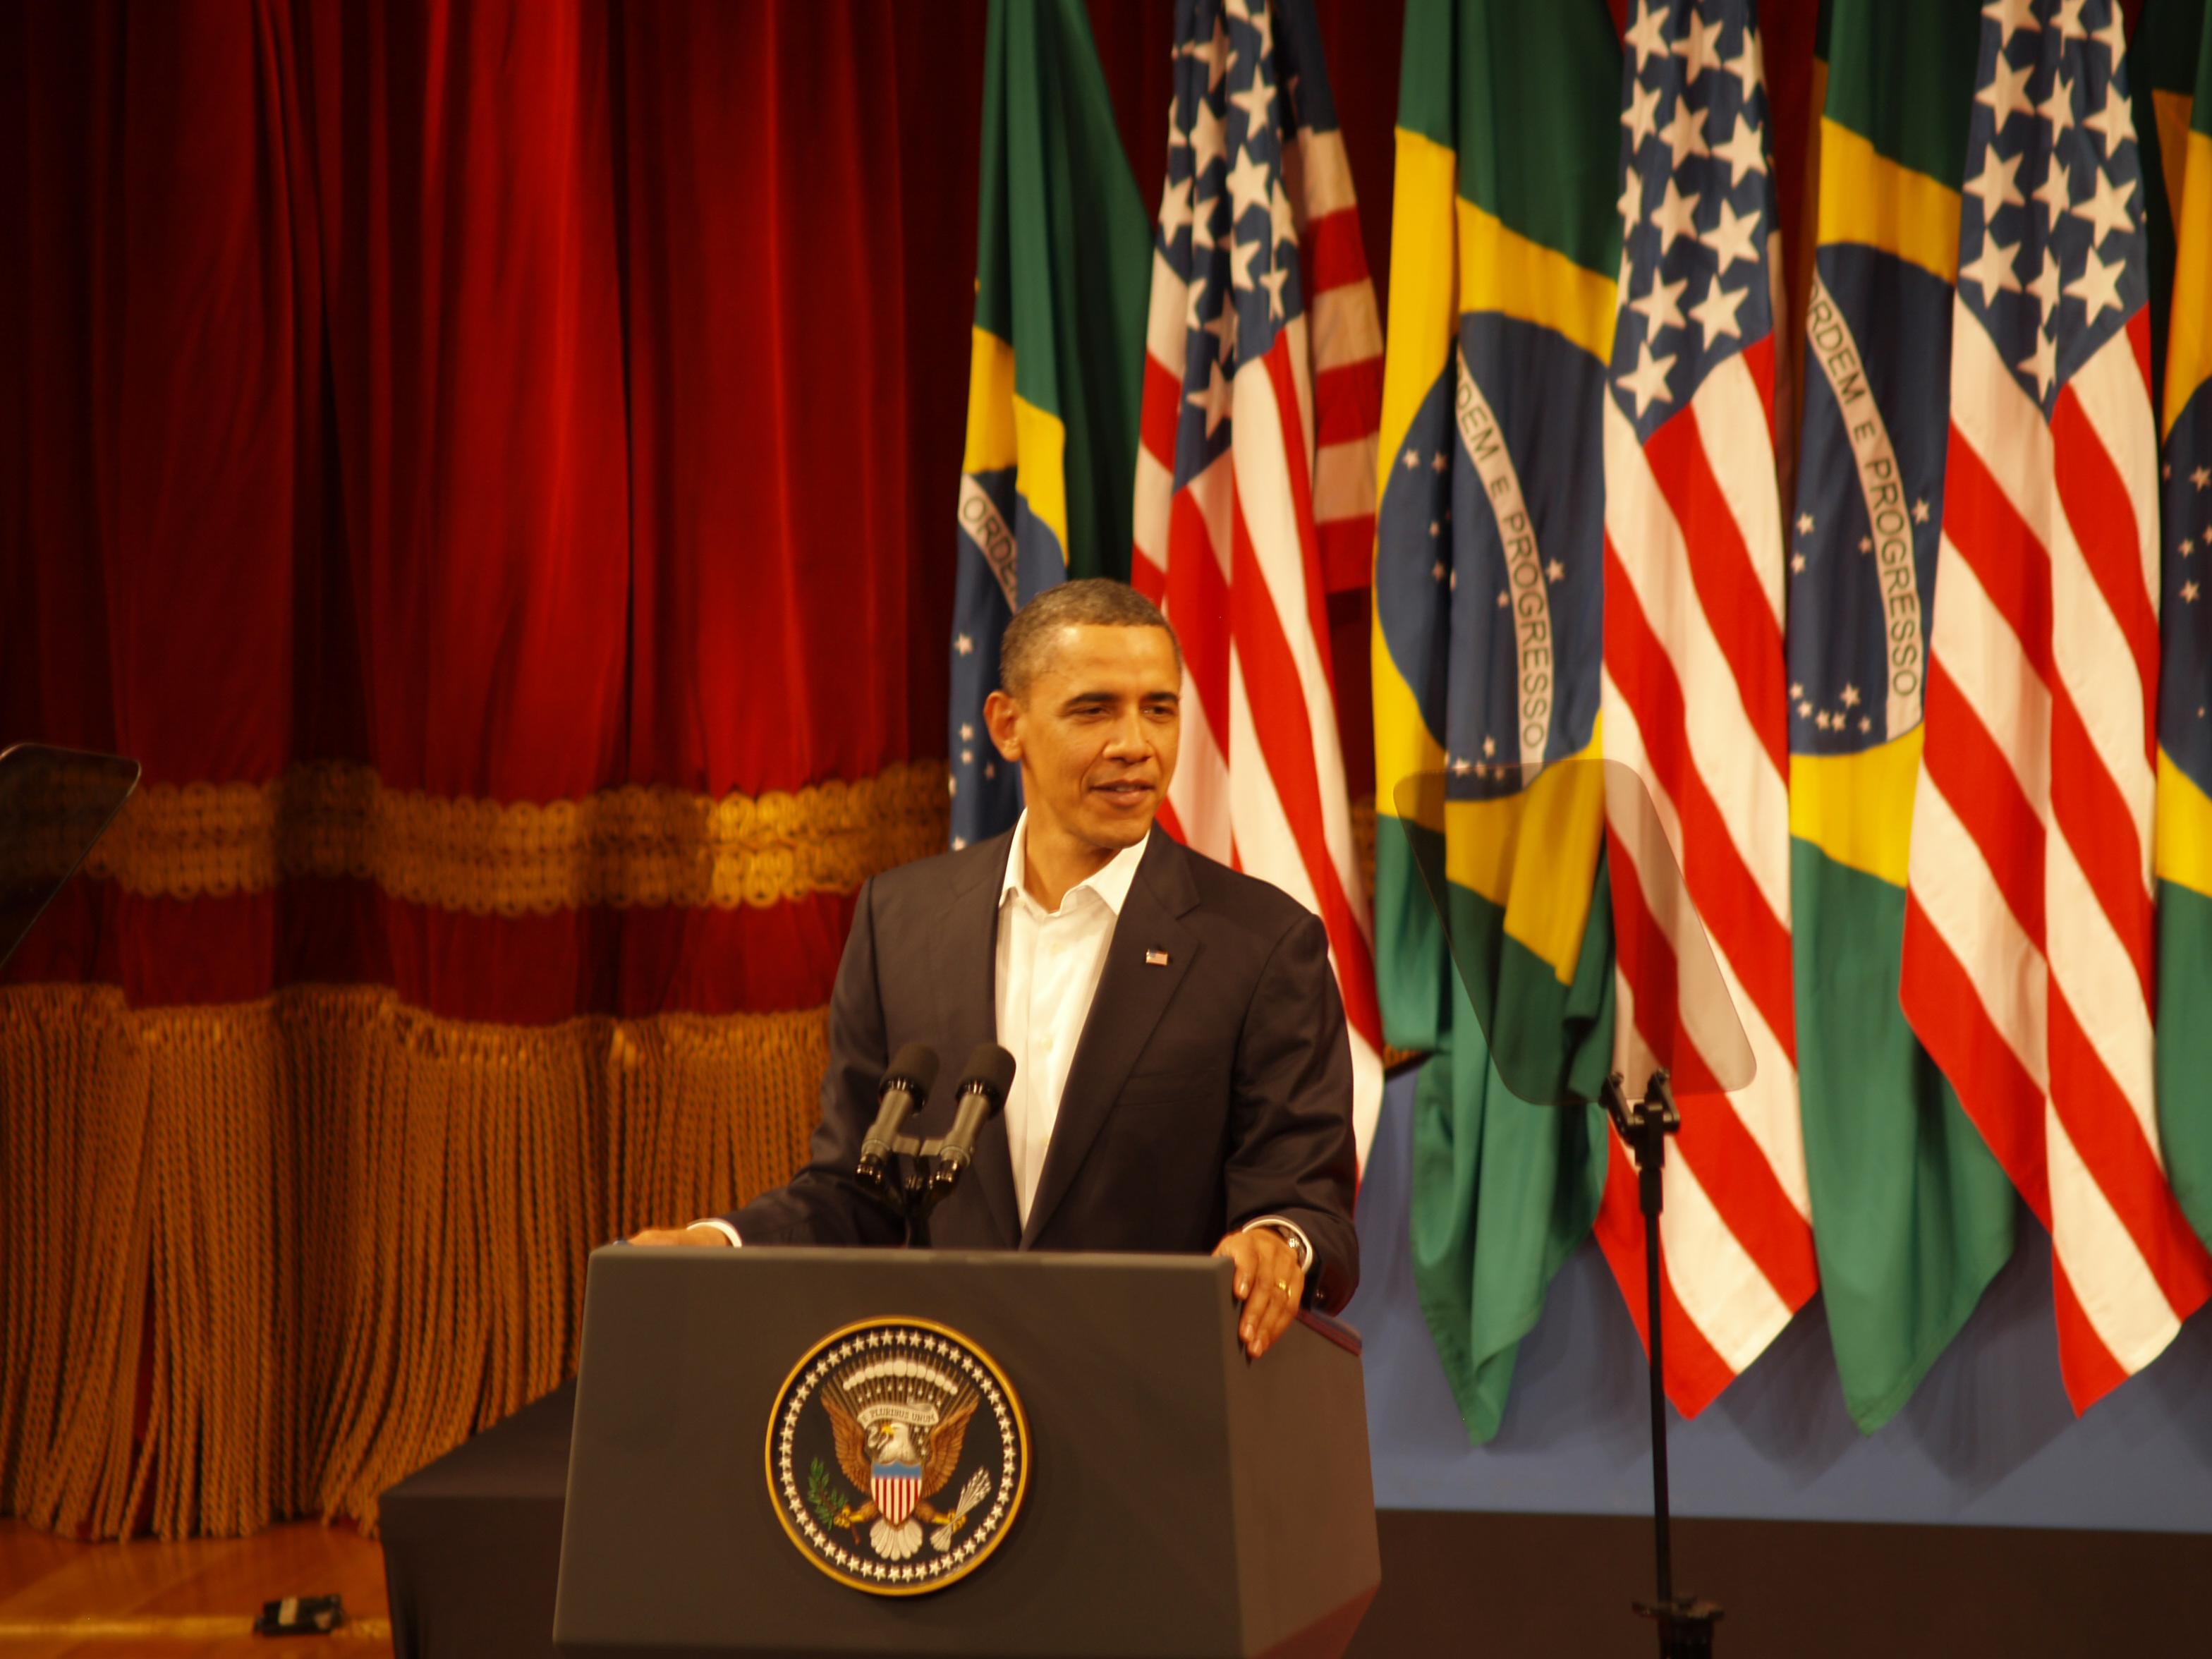 Obama enaltece o Brasil e afirma aliança entre as nações